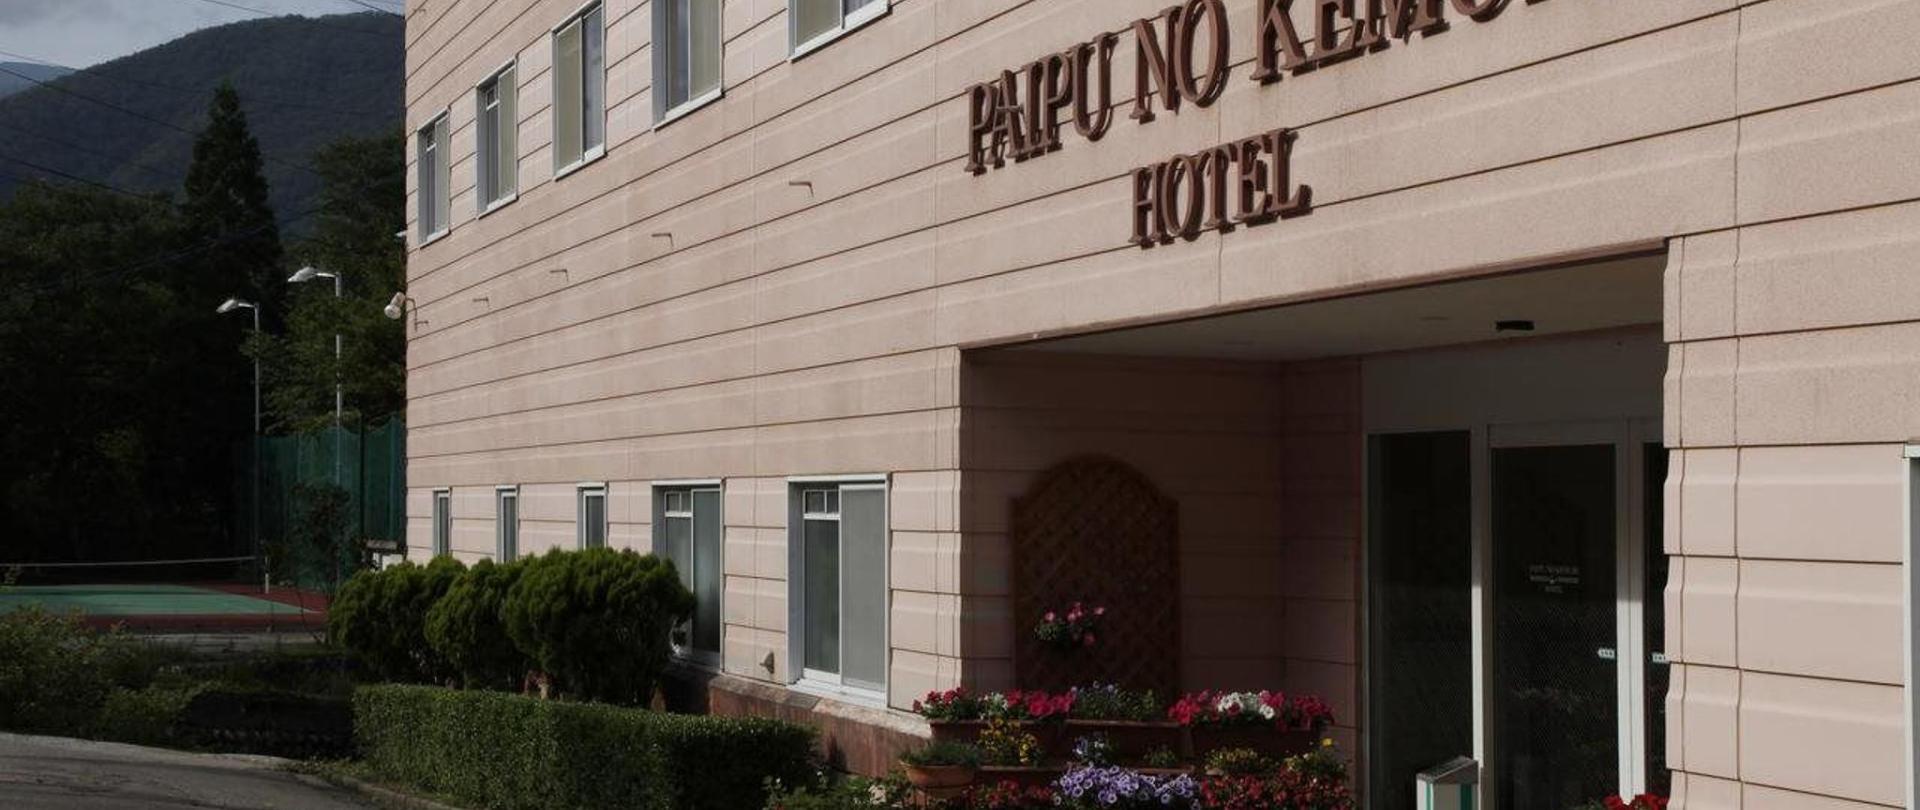 Hakuba Hotel Paipu no Kemuri